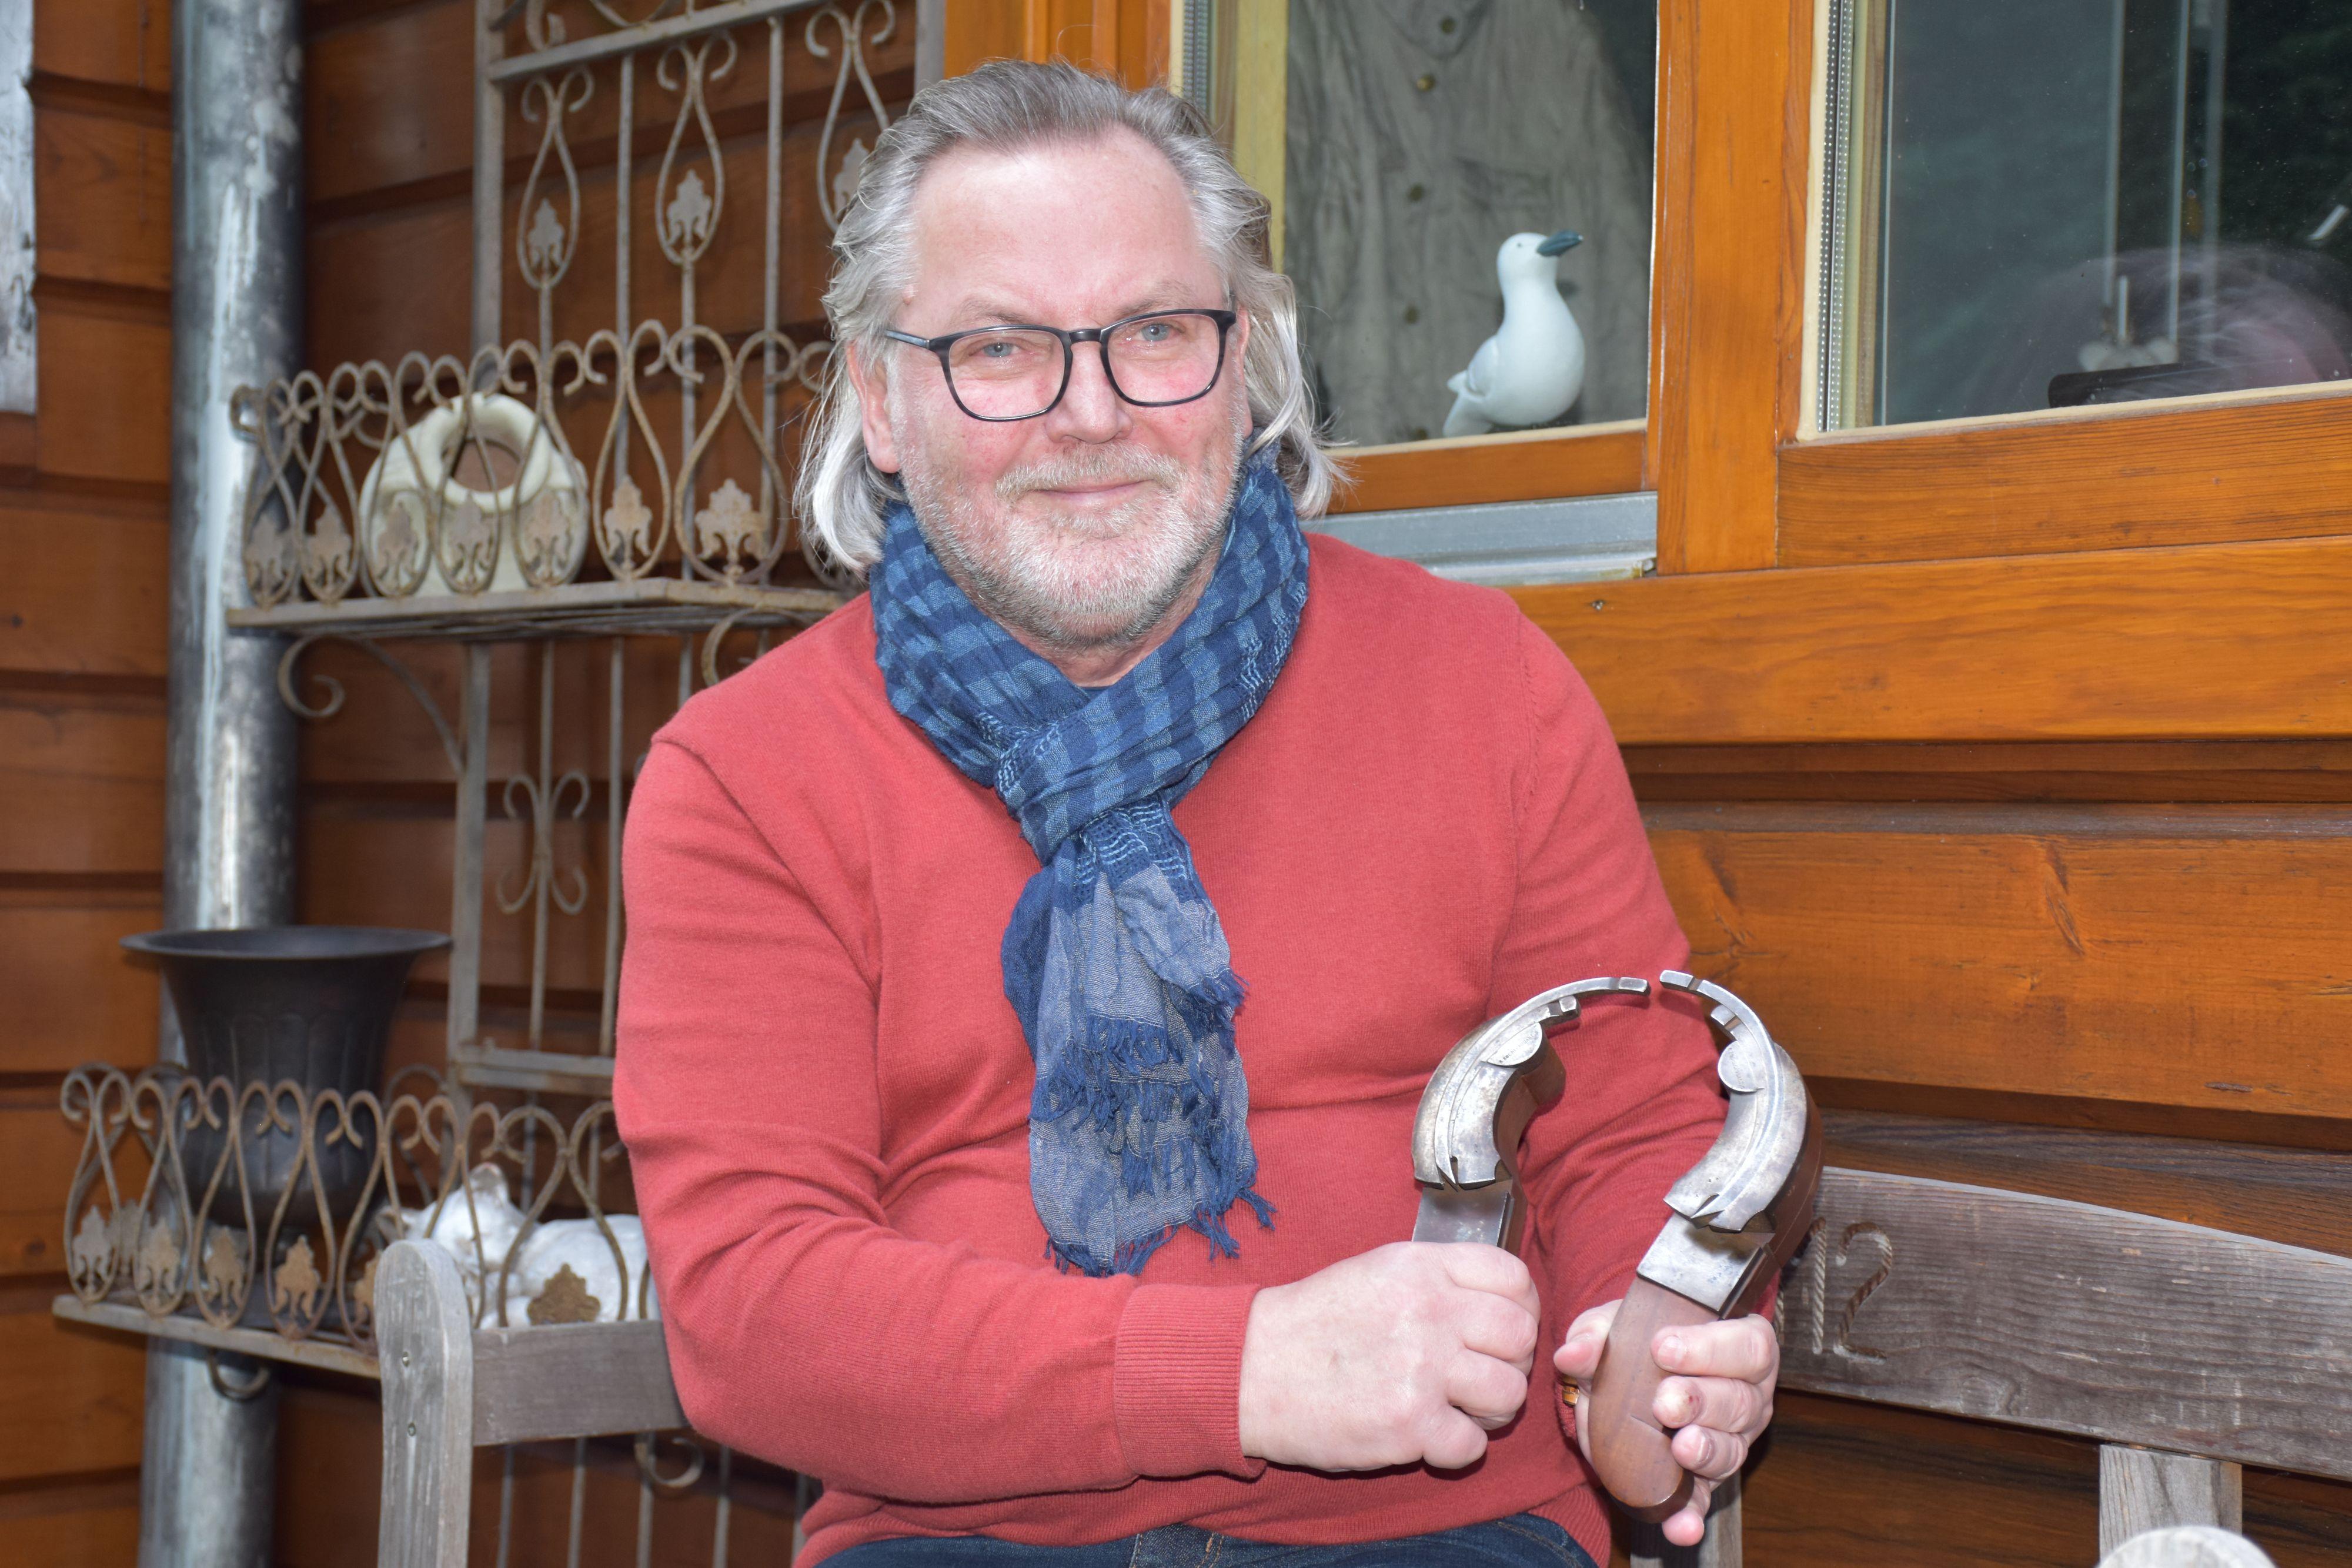 Jäger, Sammler, Restaurator: Kulturhistorische Werkzeuge für die Holzbearbeitung haben es Peter Stahlich angetan. Hier hält er ein weltweit vielleicht einzigartiges Hobelmodell aus Paris in den Händen. Foto: Ferber